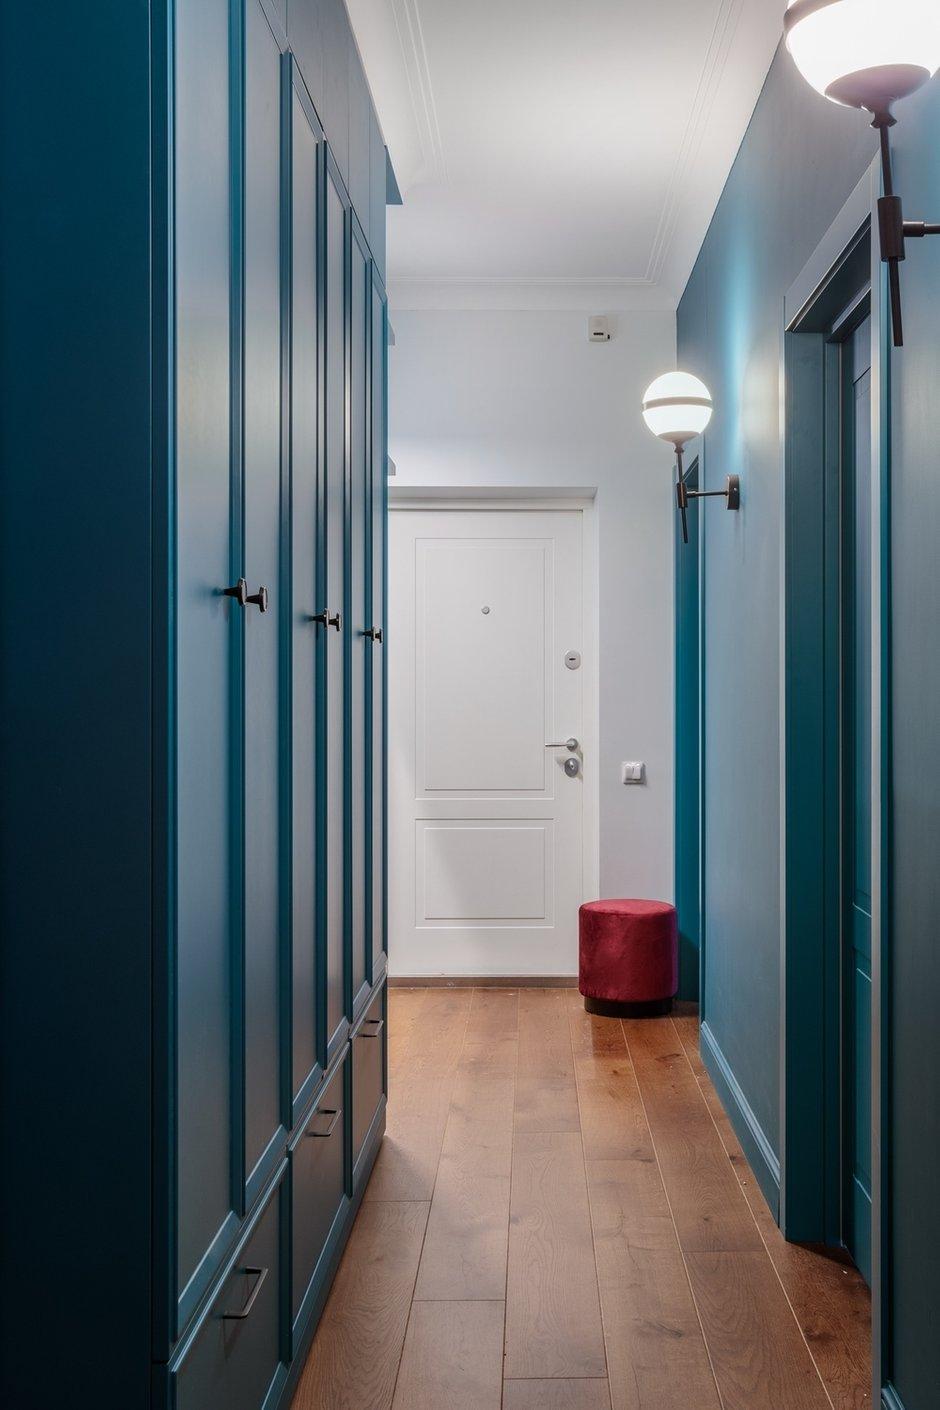 Фотография: Прихожая в стиле Эклектика, Квартира, Проект недели, Москва, 3 комнаты, 60-90 метров, Валерия Шиманская – фото на INMYROOM